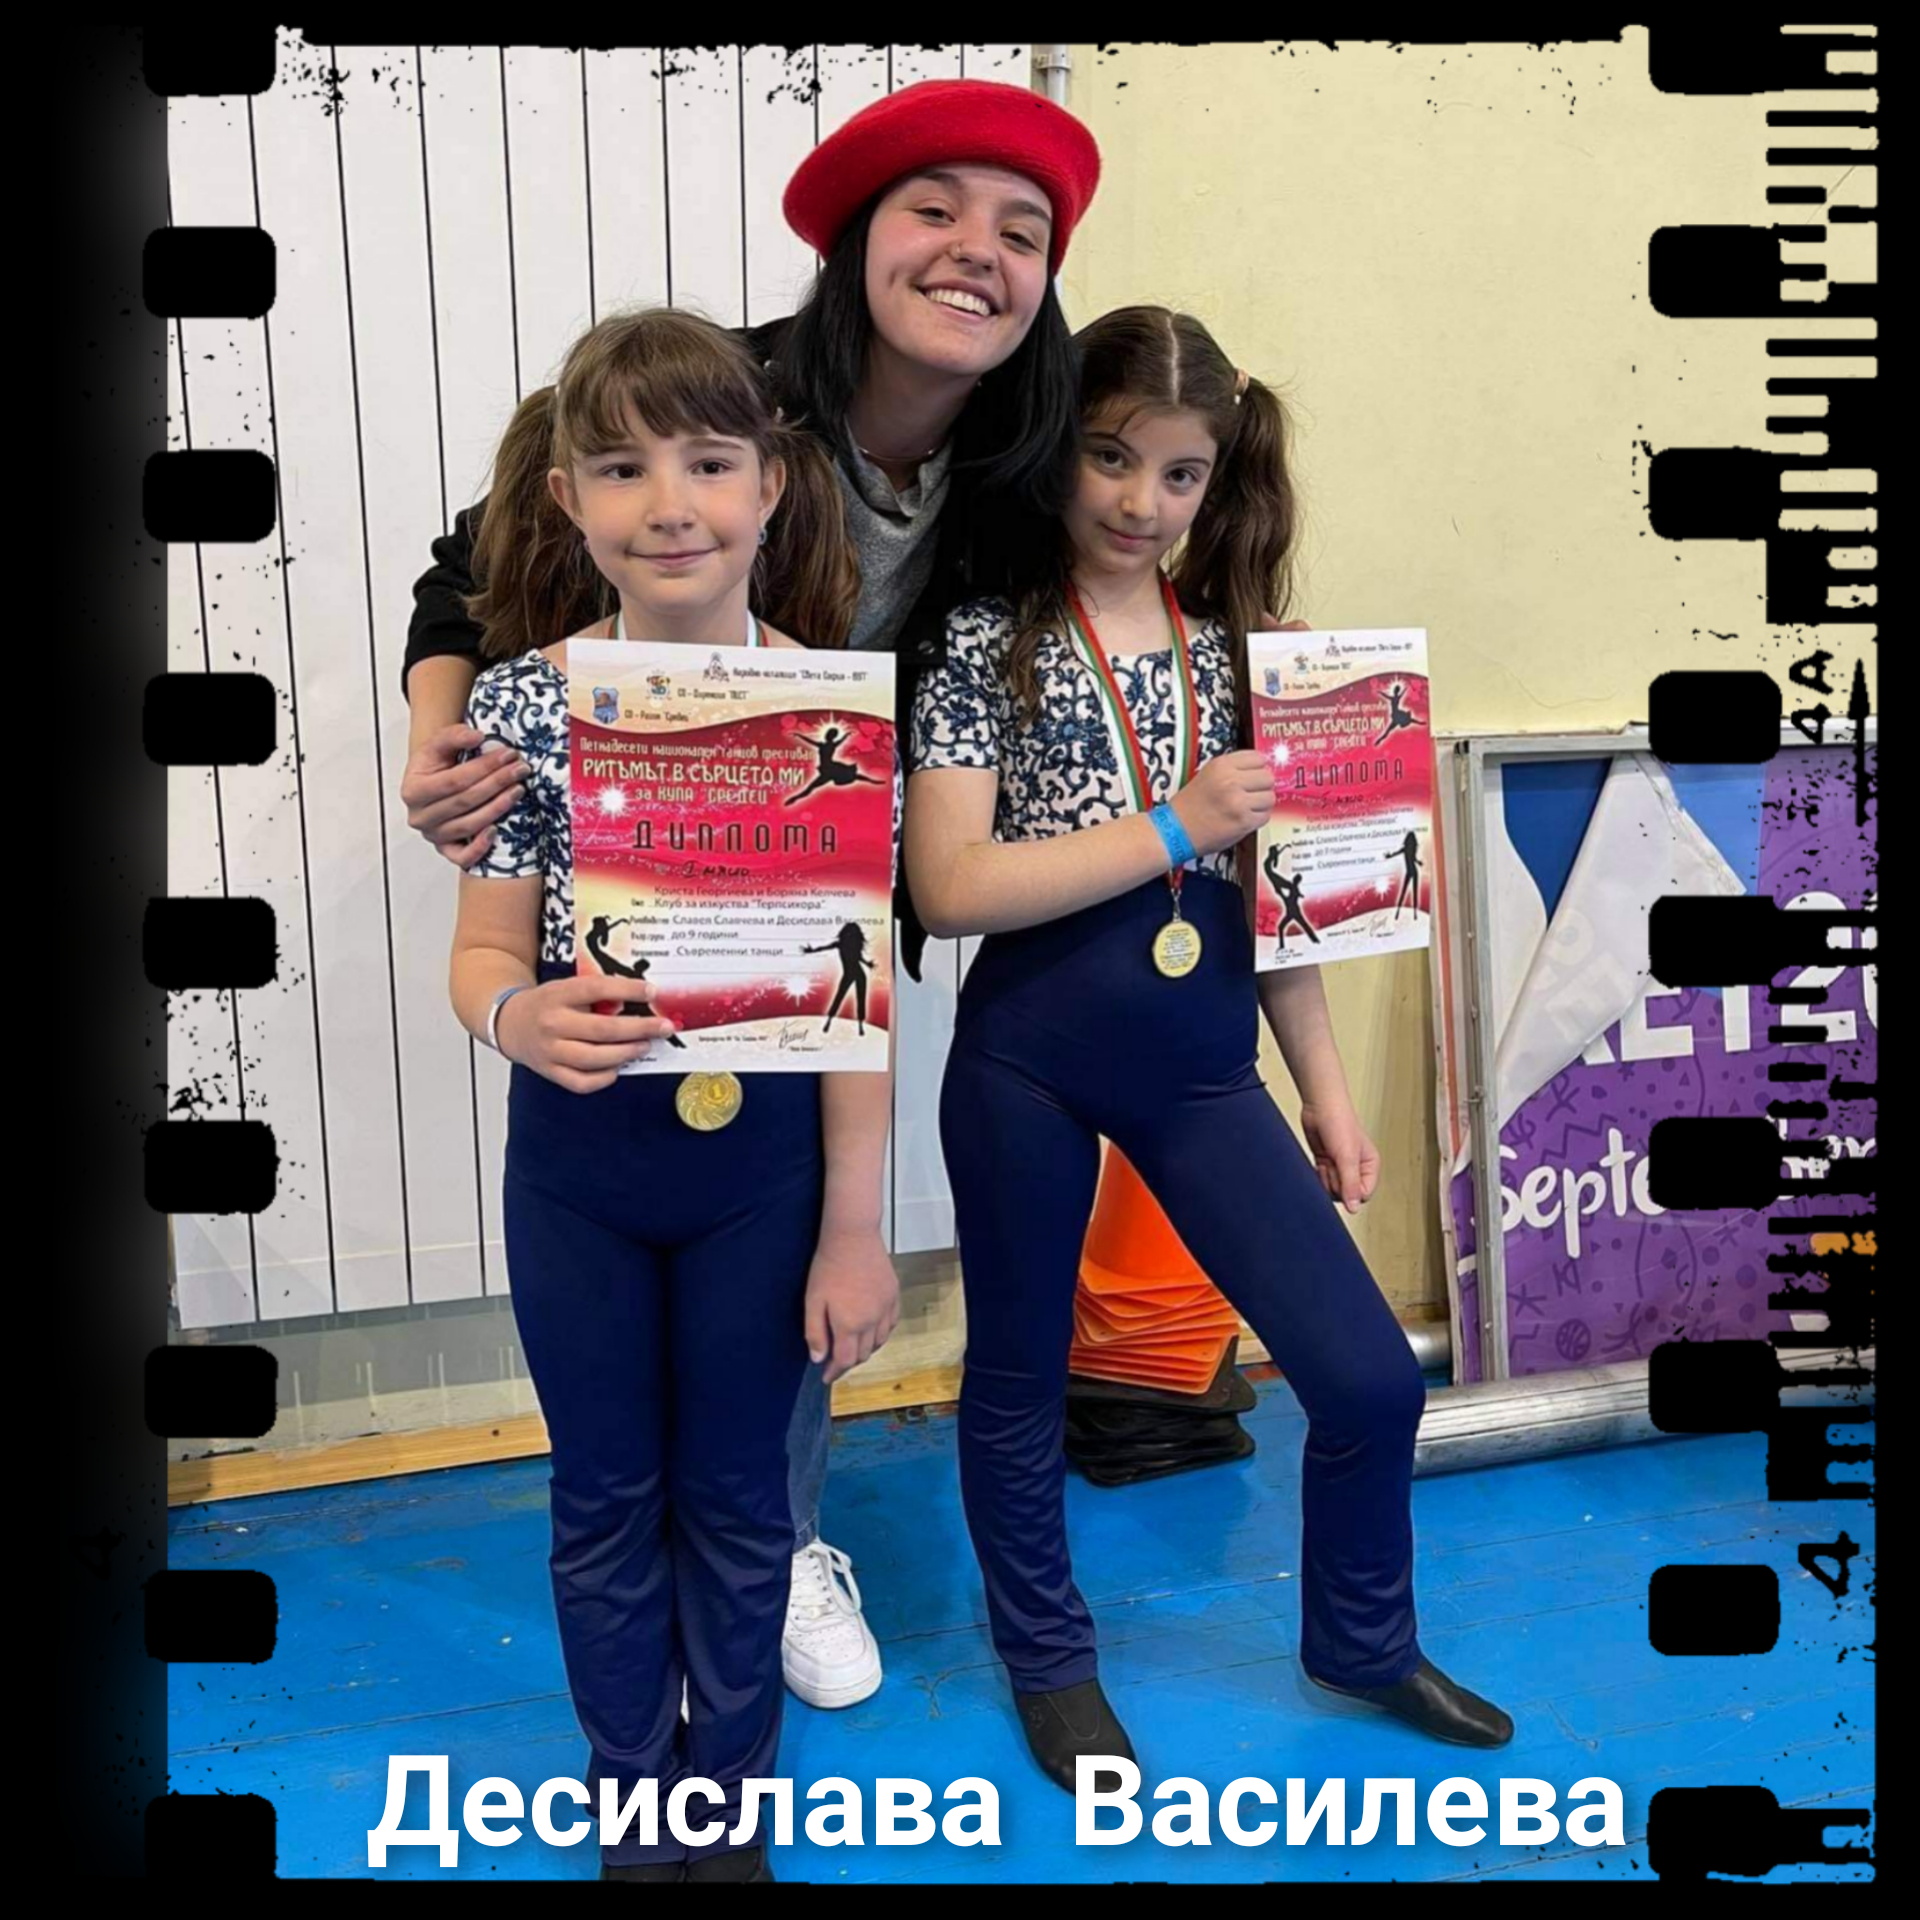 Десислава Василева